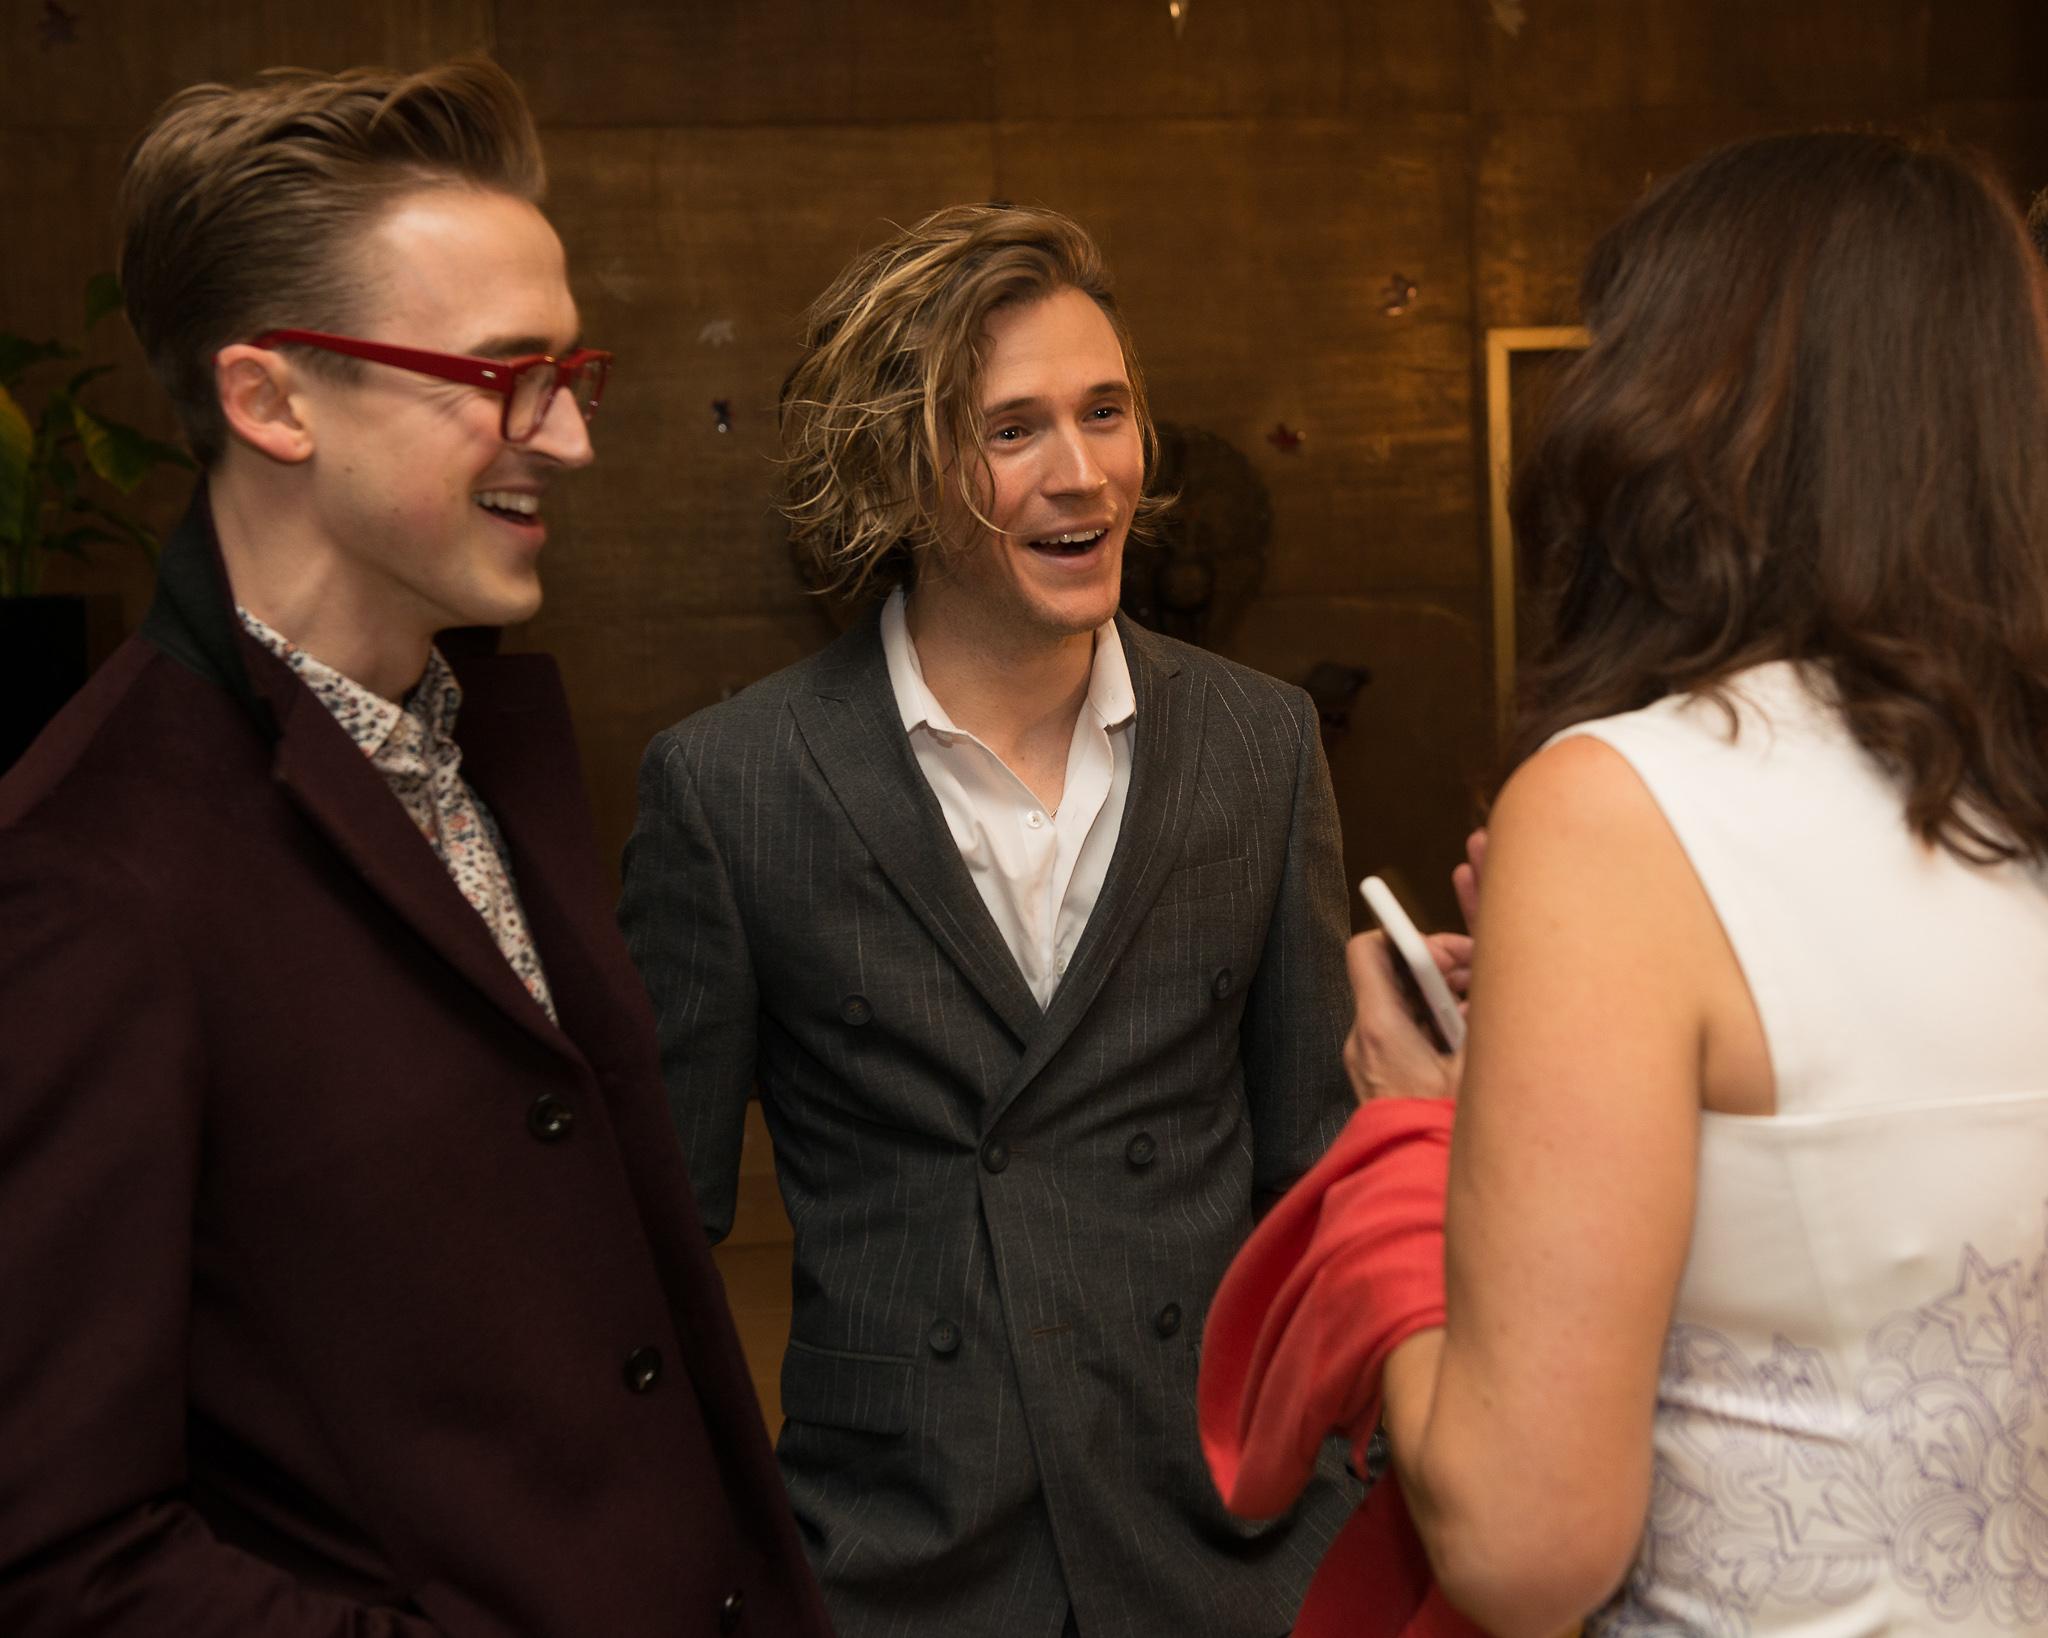 McFly's Tom Fletcher and Dougie Poynter at the Nielsen Bestselller Awards